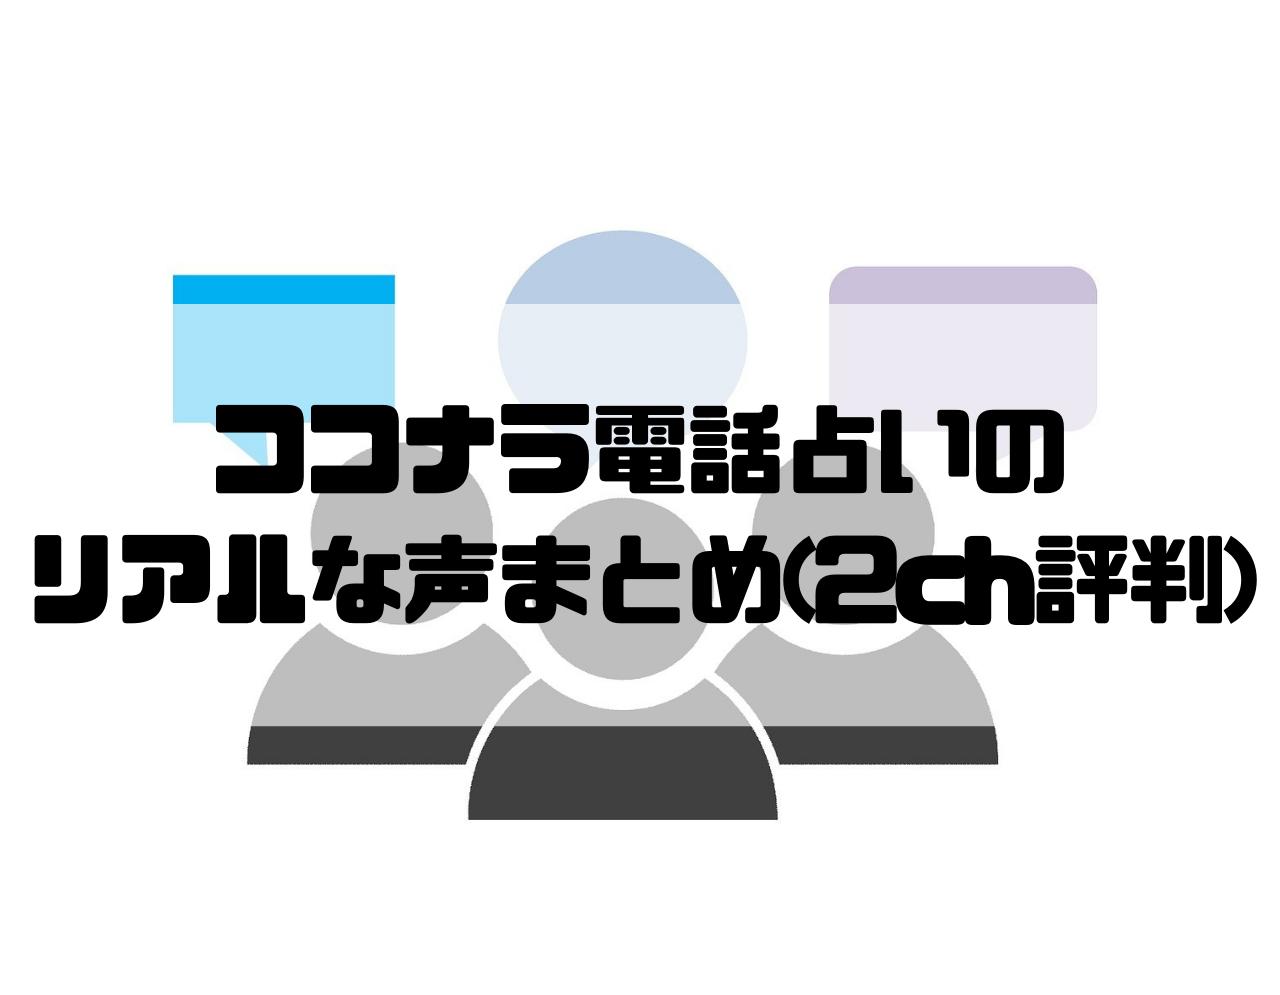 ココナラ電話占いのリアルな声まとめ(2ch評判)